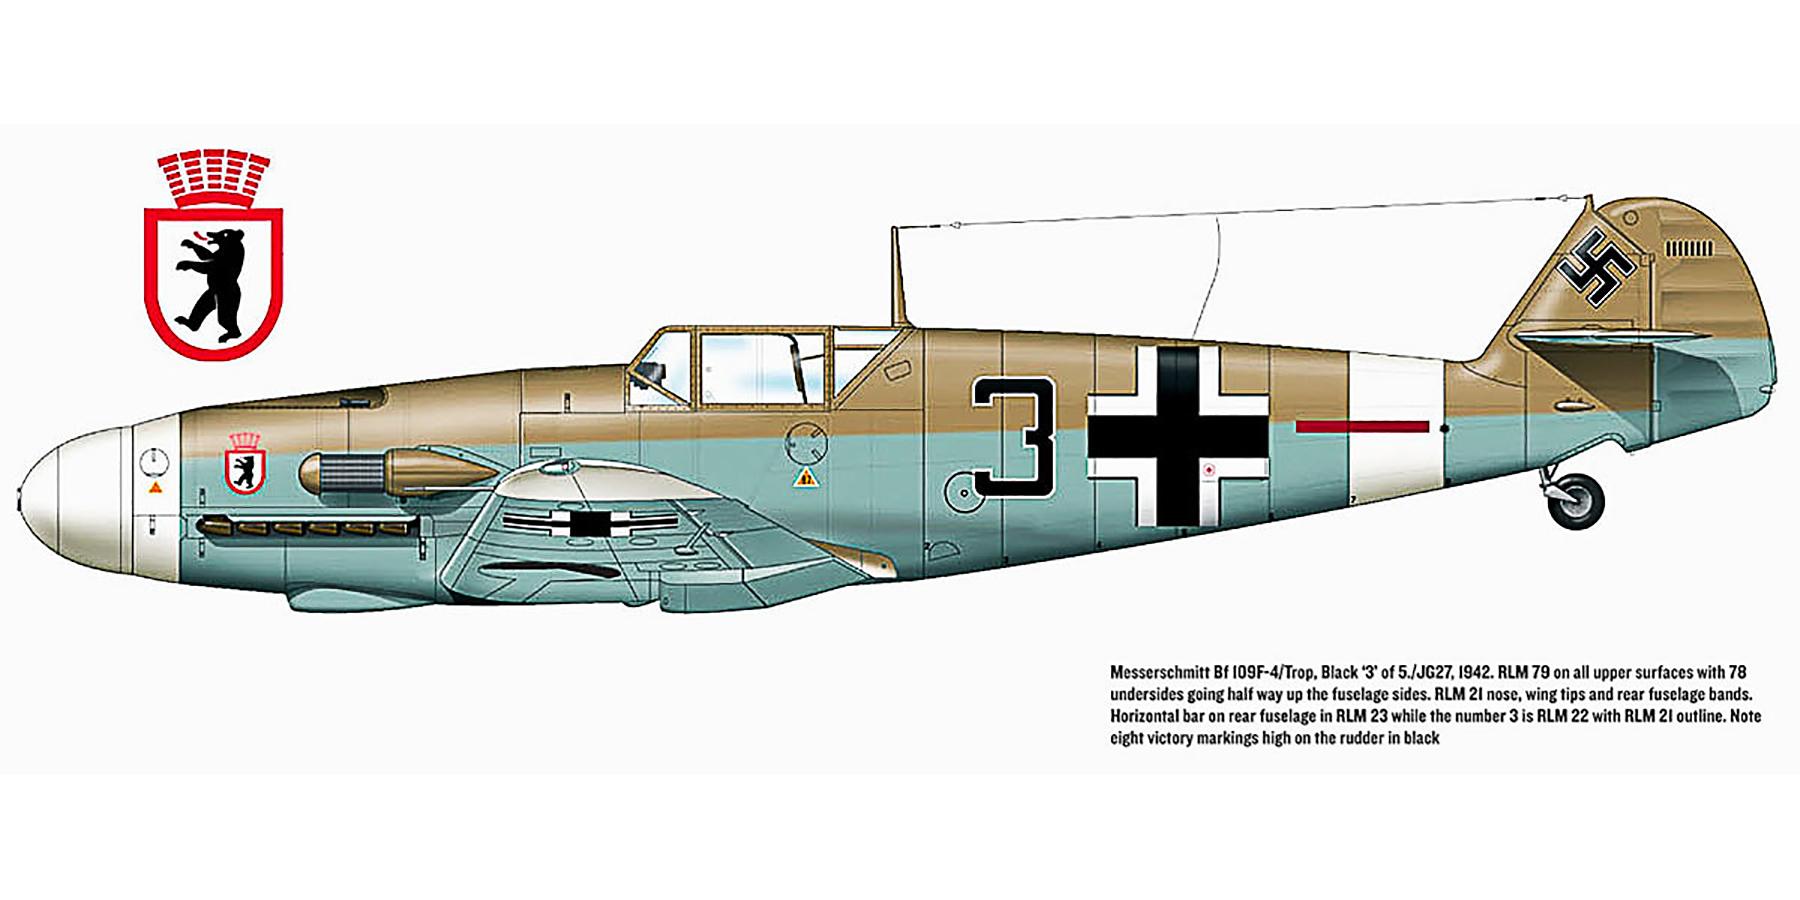 Messerschmitt Bf 109F4Trop 5.JG27 Black 3 Ernst Boerngen WNr 10203 Egypt 1942 0A